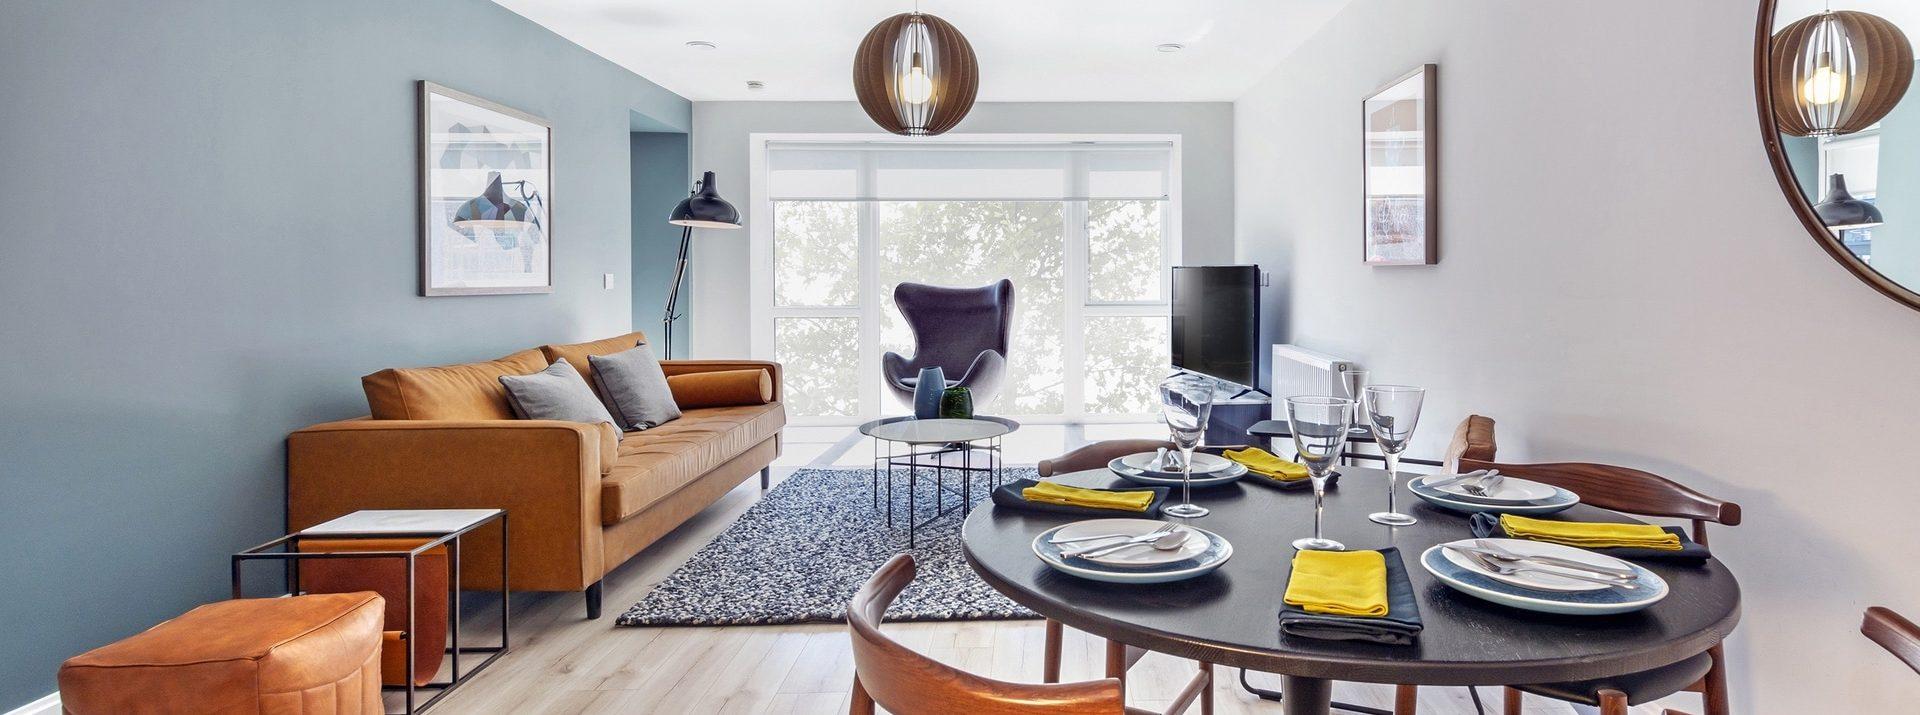 Occu Fairway interior –apartment 75